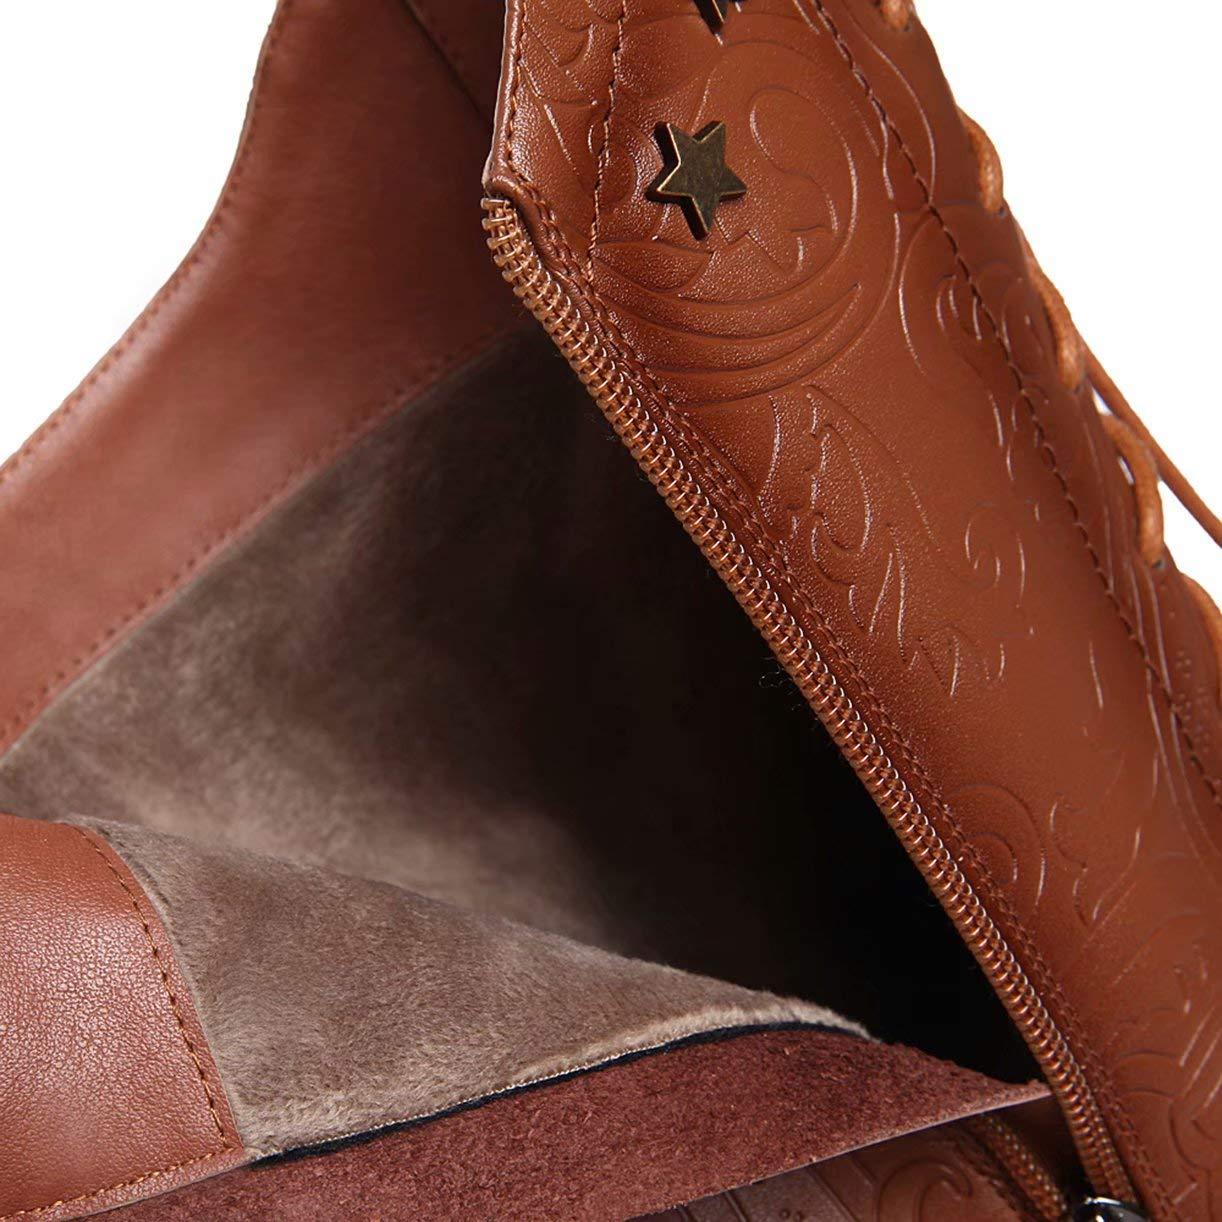 Leder Kniehohe Schnürstiefel mit 6cm Absatz High Heels Gefüttert Blockabsatz Kniestiefel Langschaftstiefel Leder Gefüttert Heels Knee High Stiefel Damen Geprägtes Stiefel dab910